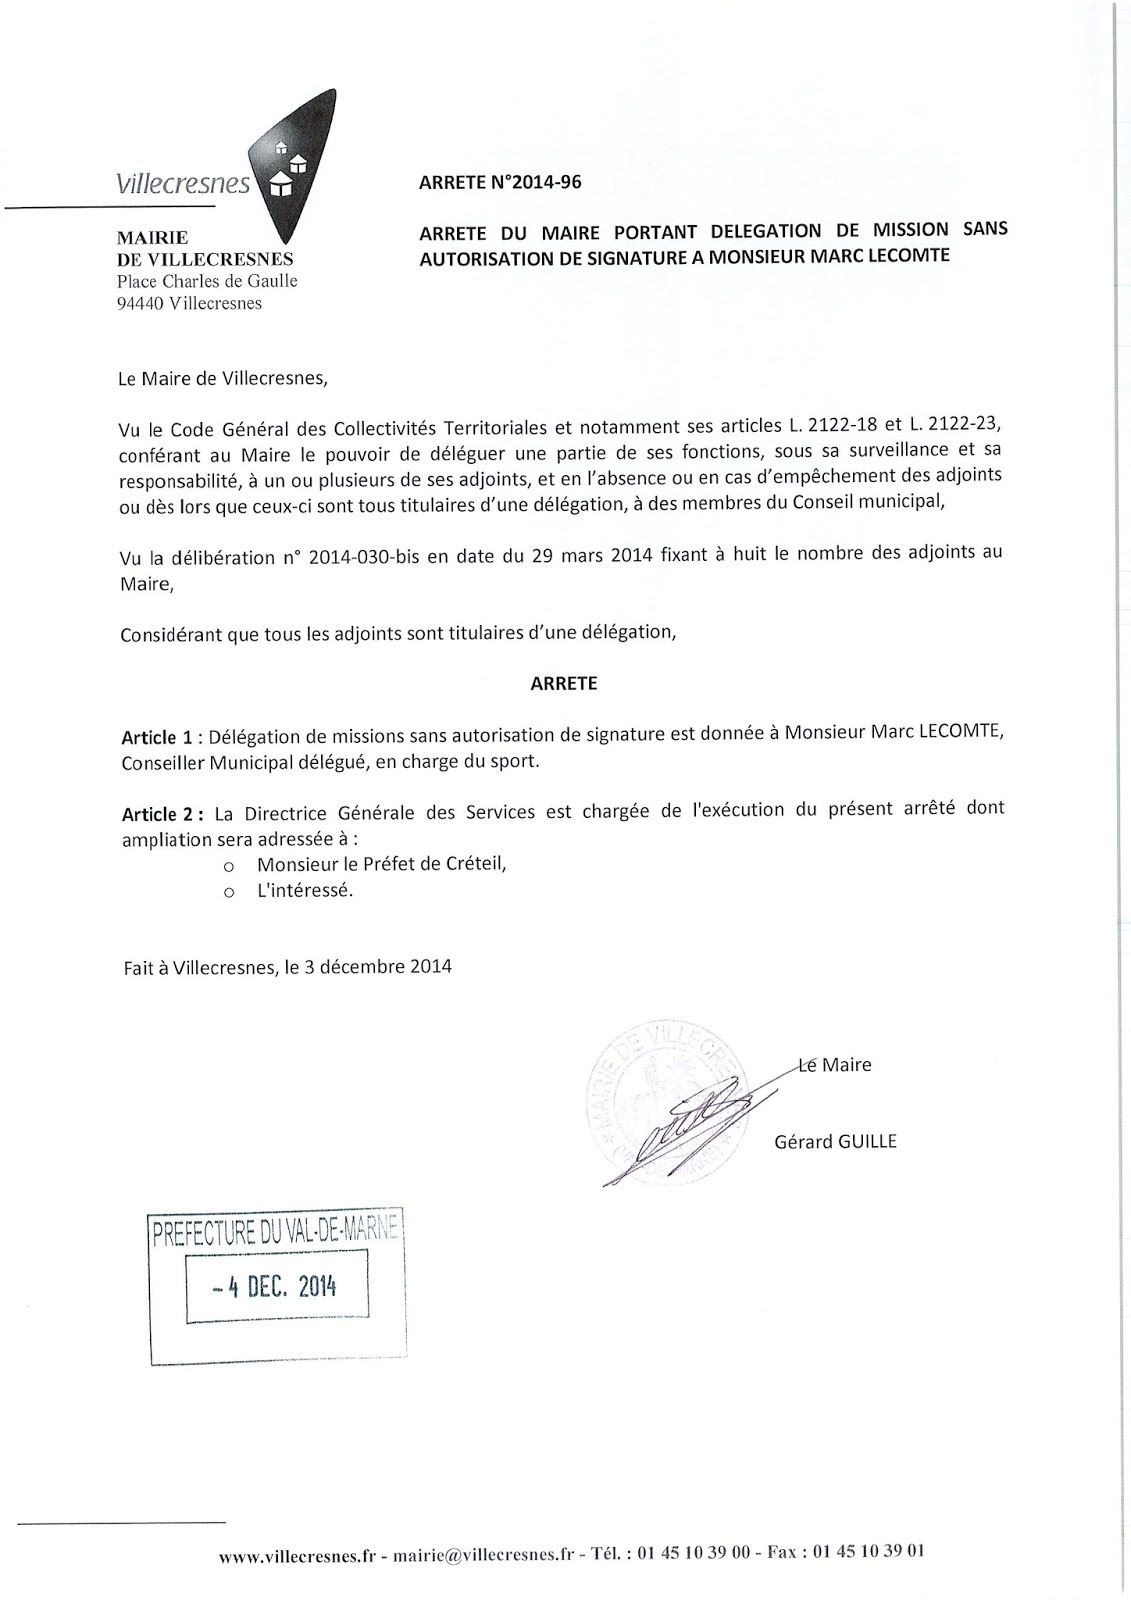 2014-096 Délégation de fonction mission sans autorisation de signature à Monsieur Marc Lecomte